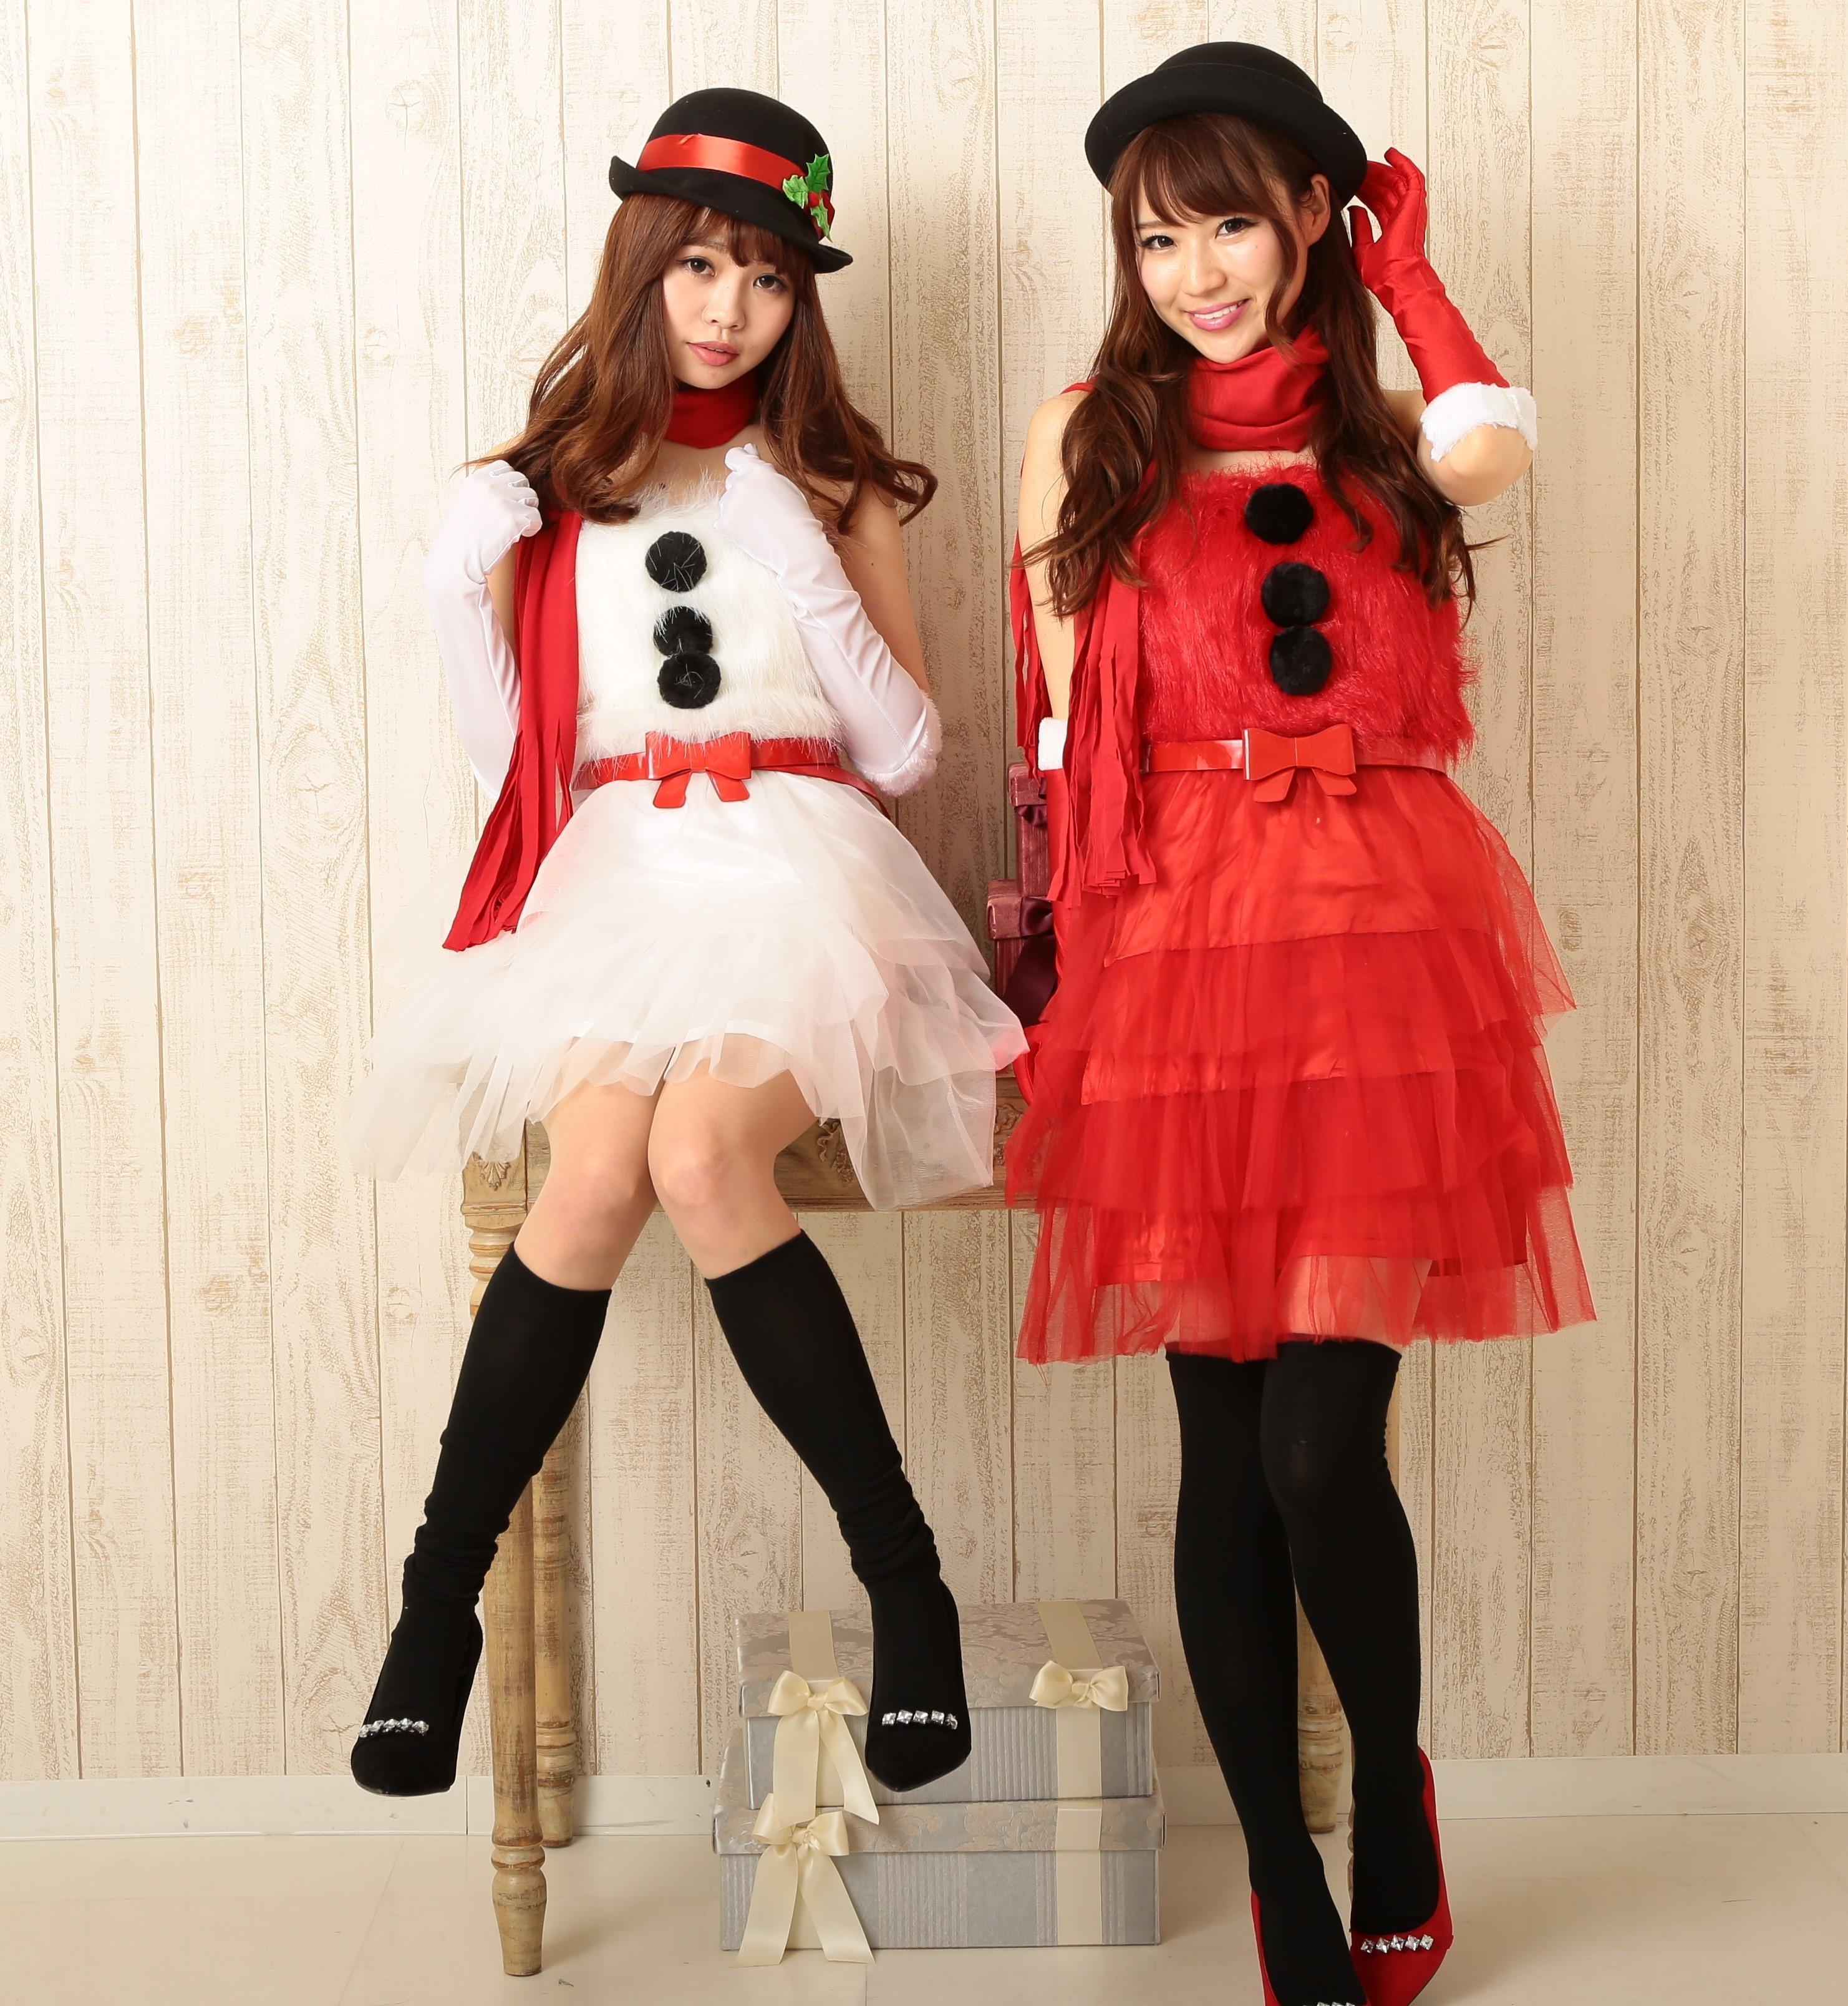 雪だるまサンタコスプレ☆ファーワンピースがカワイイ☆赤・白